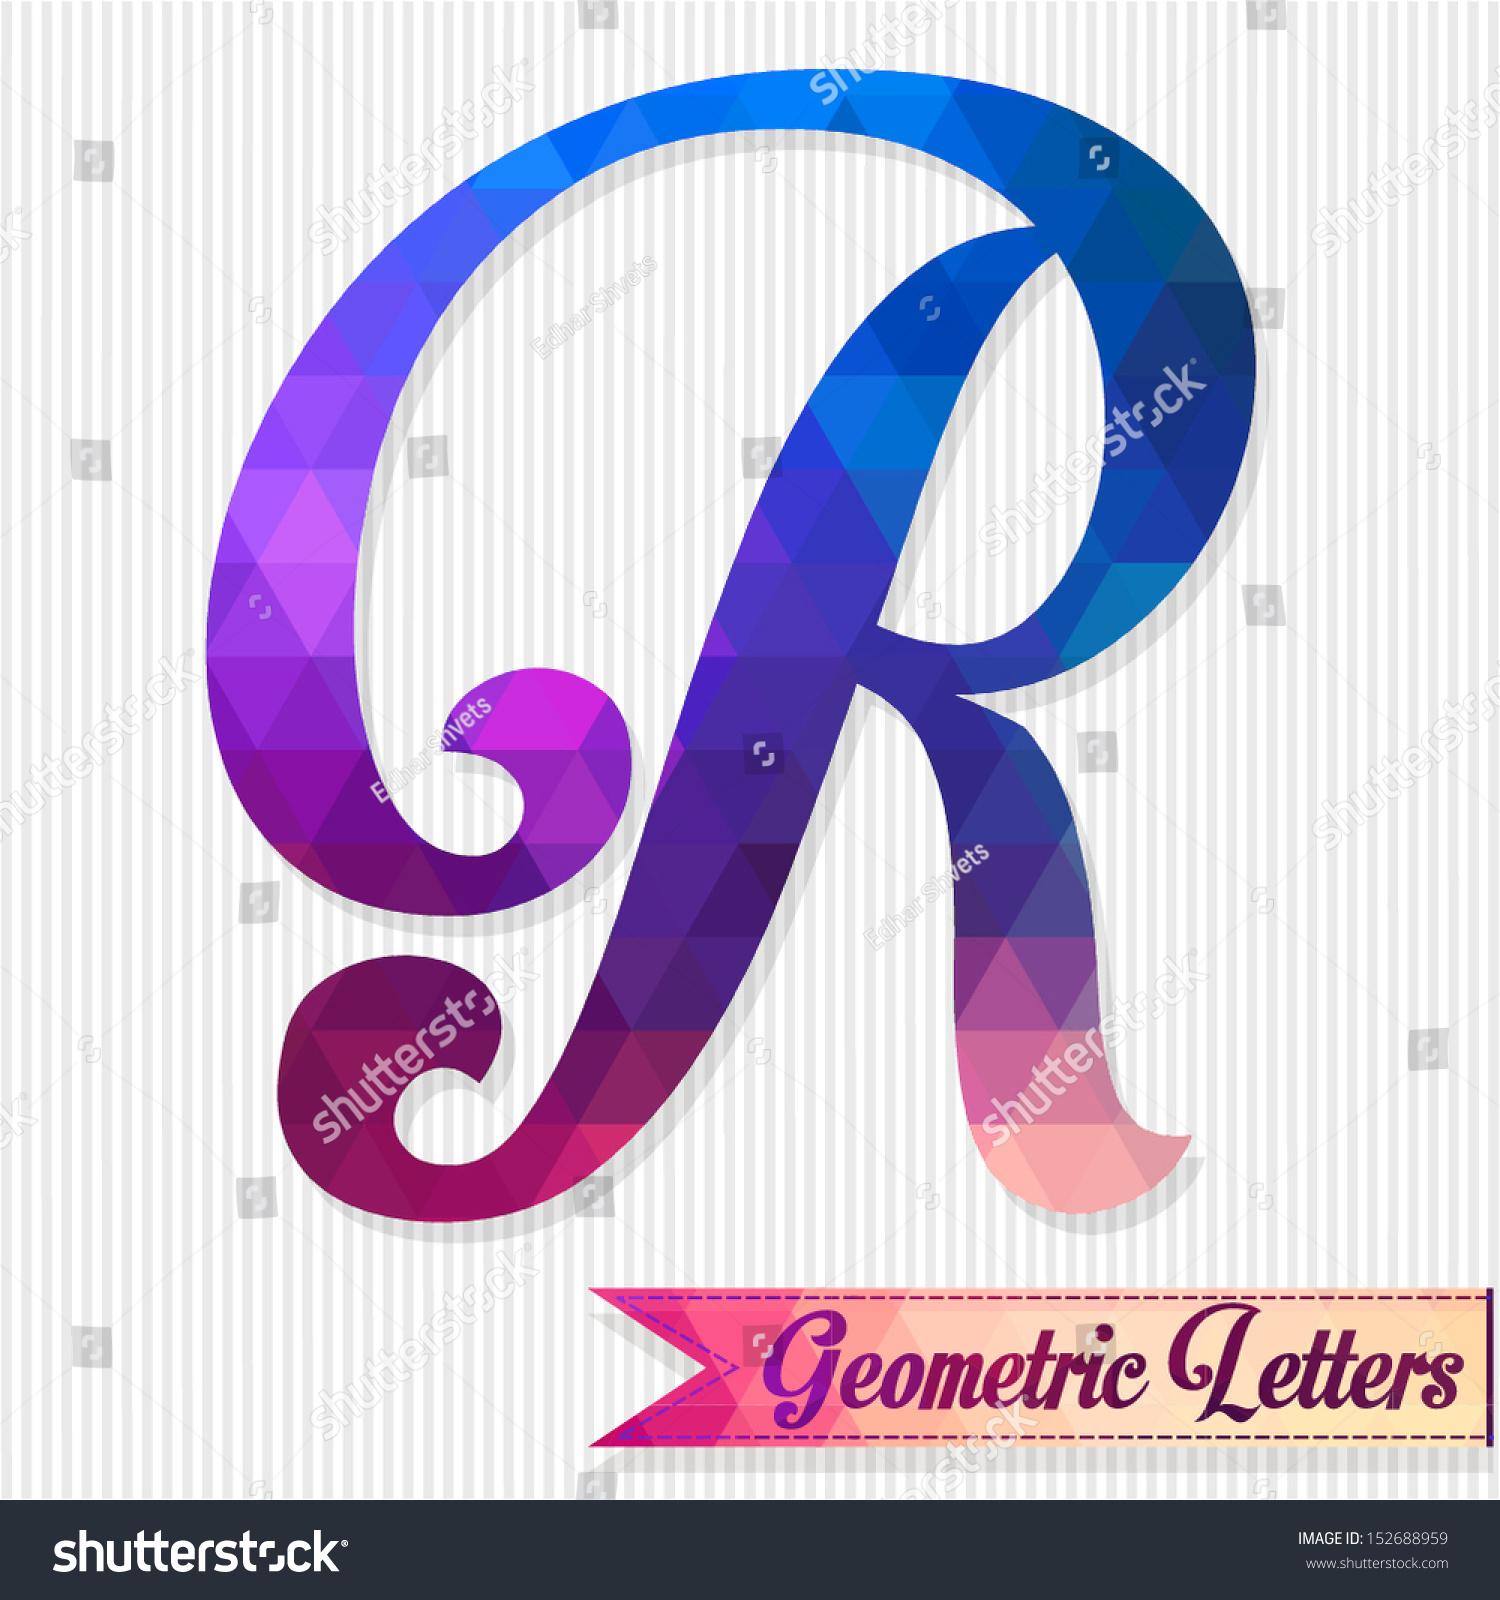 Letter R Retro Letter Geometric Shapes Stock Vector 152688959 ...